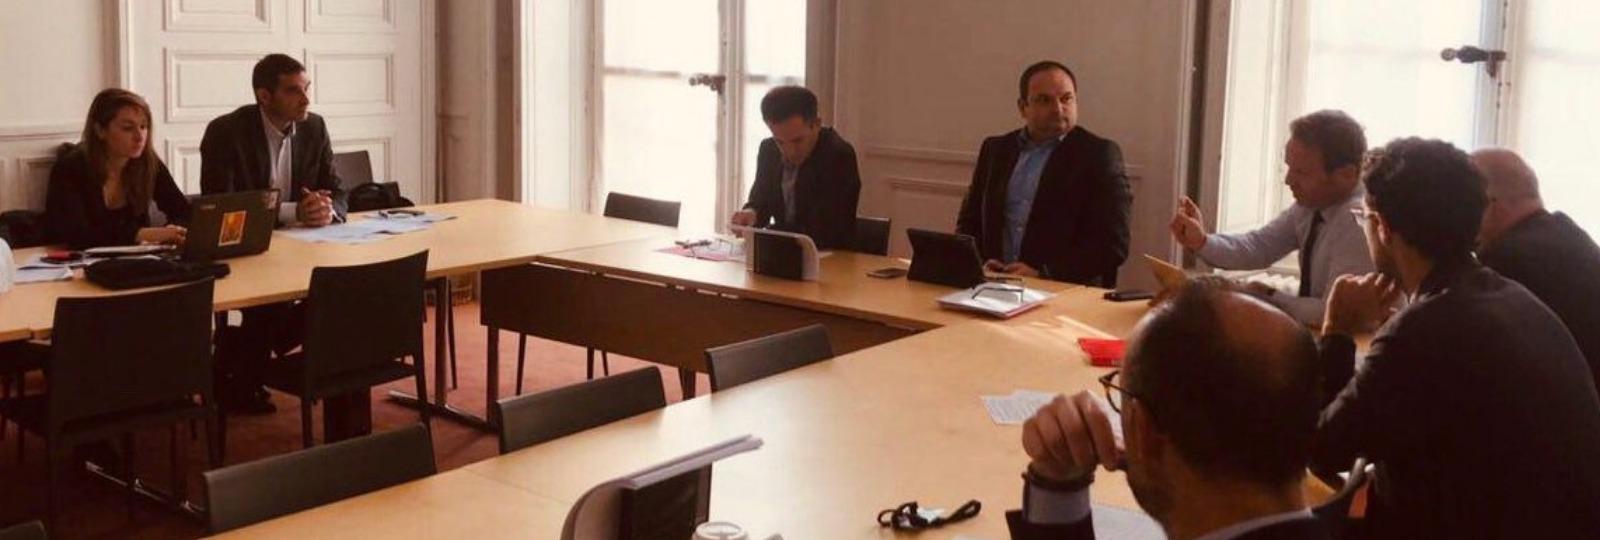 Financement du sport - Audition de l'UNION par le groupe économie du sport à l'Assemblée Nationale